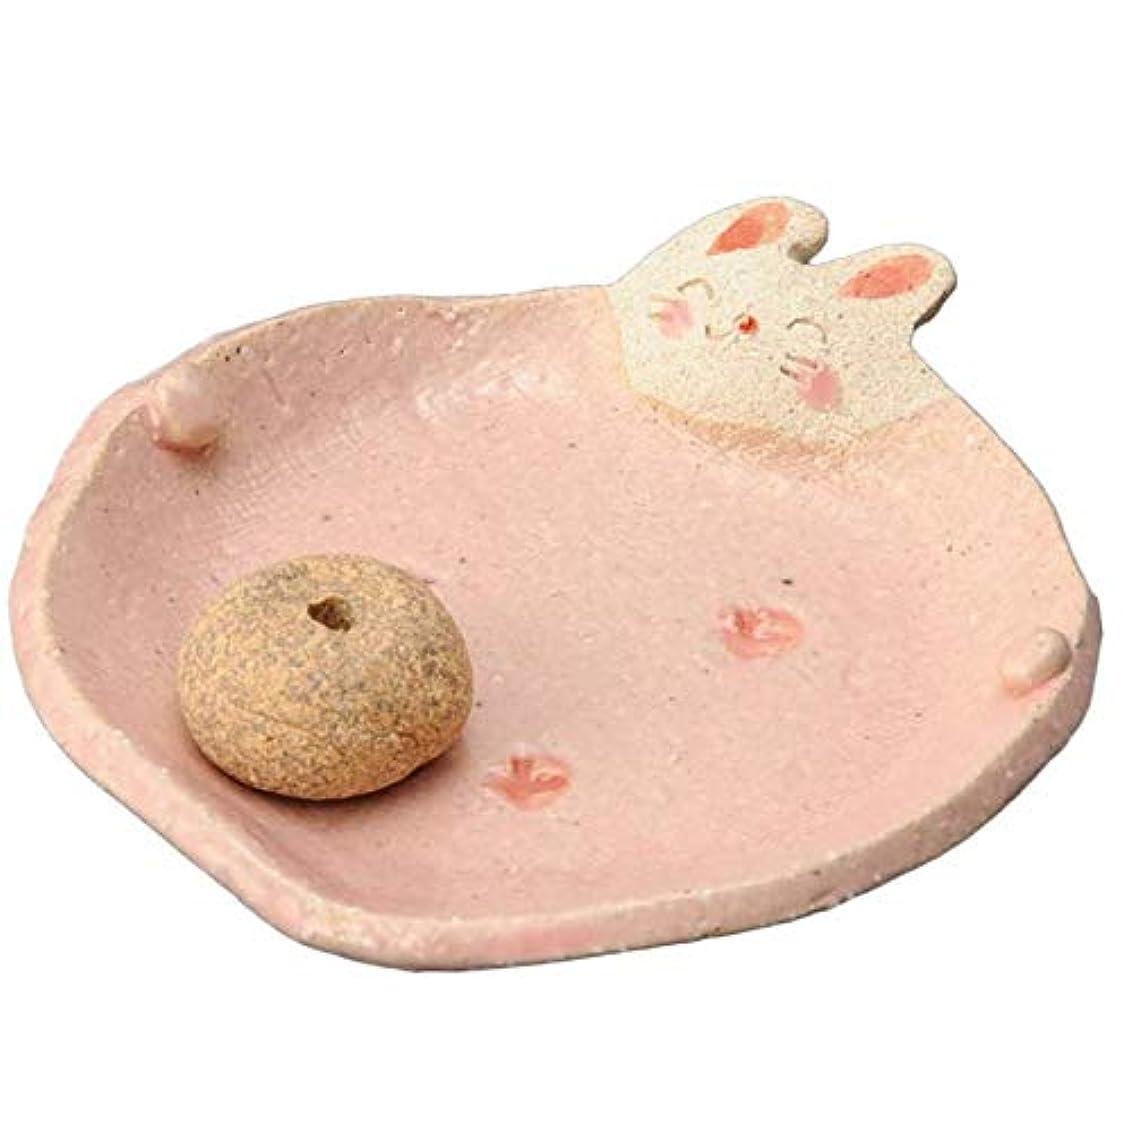 速い偽造クラウド手造り 香皿 香立て/ふっくら 香皿(ウサギ) /香り アロマ 癒やし リラックス インテリア プレゼント 贈り物